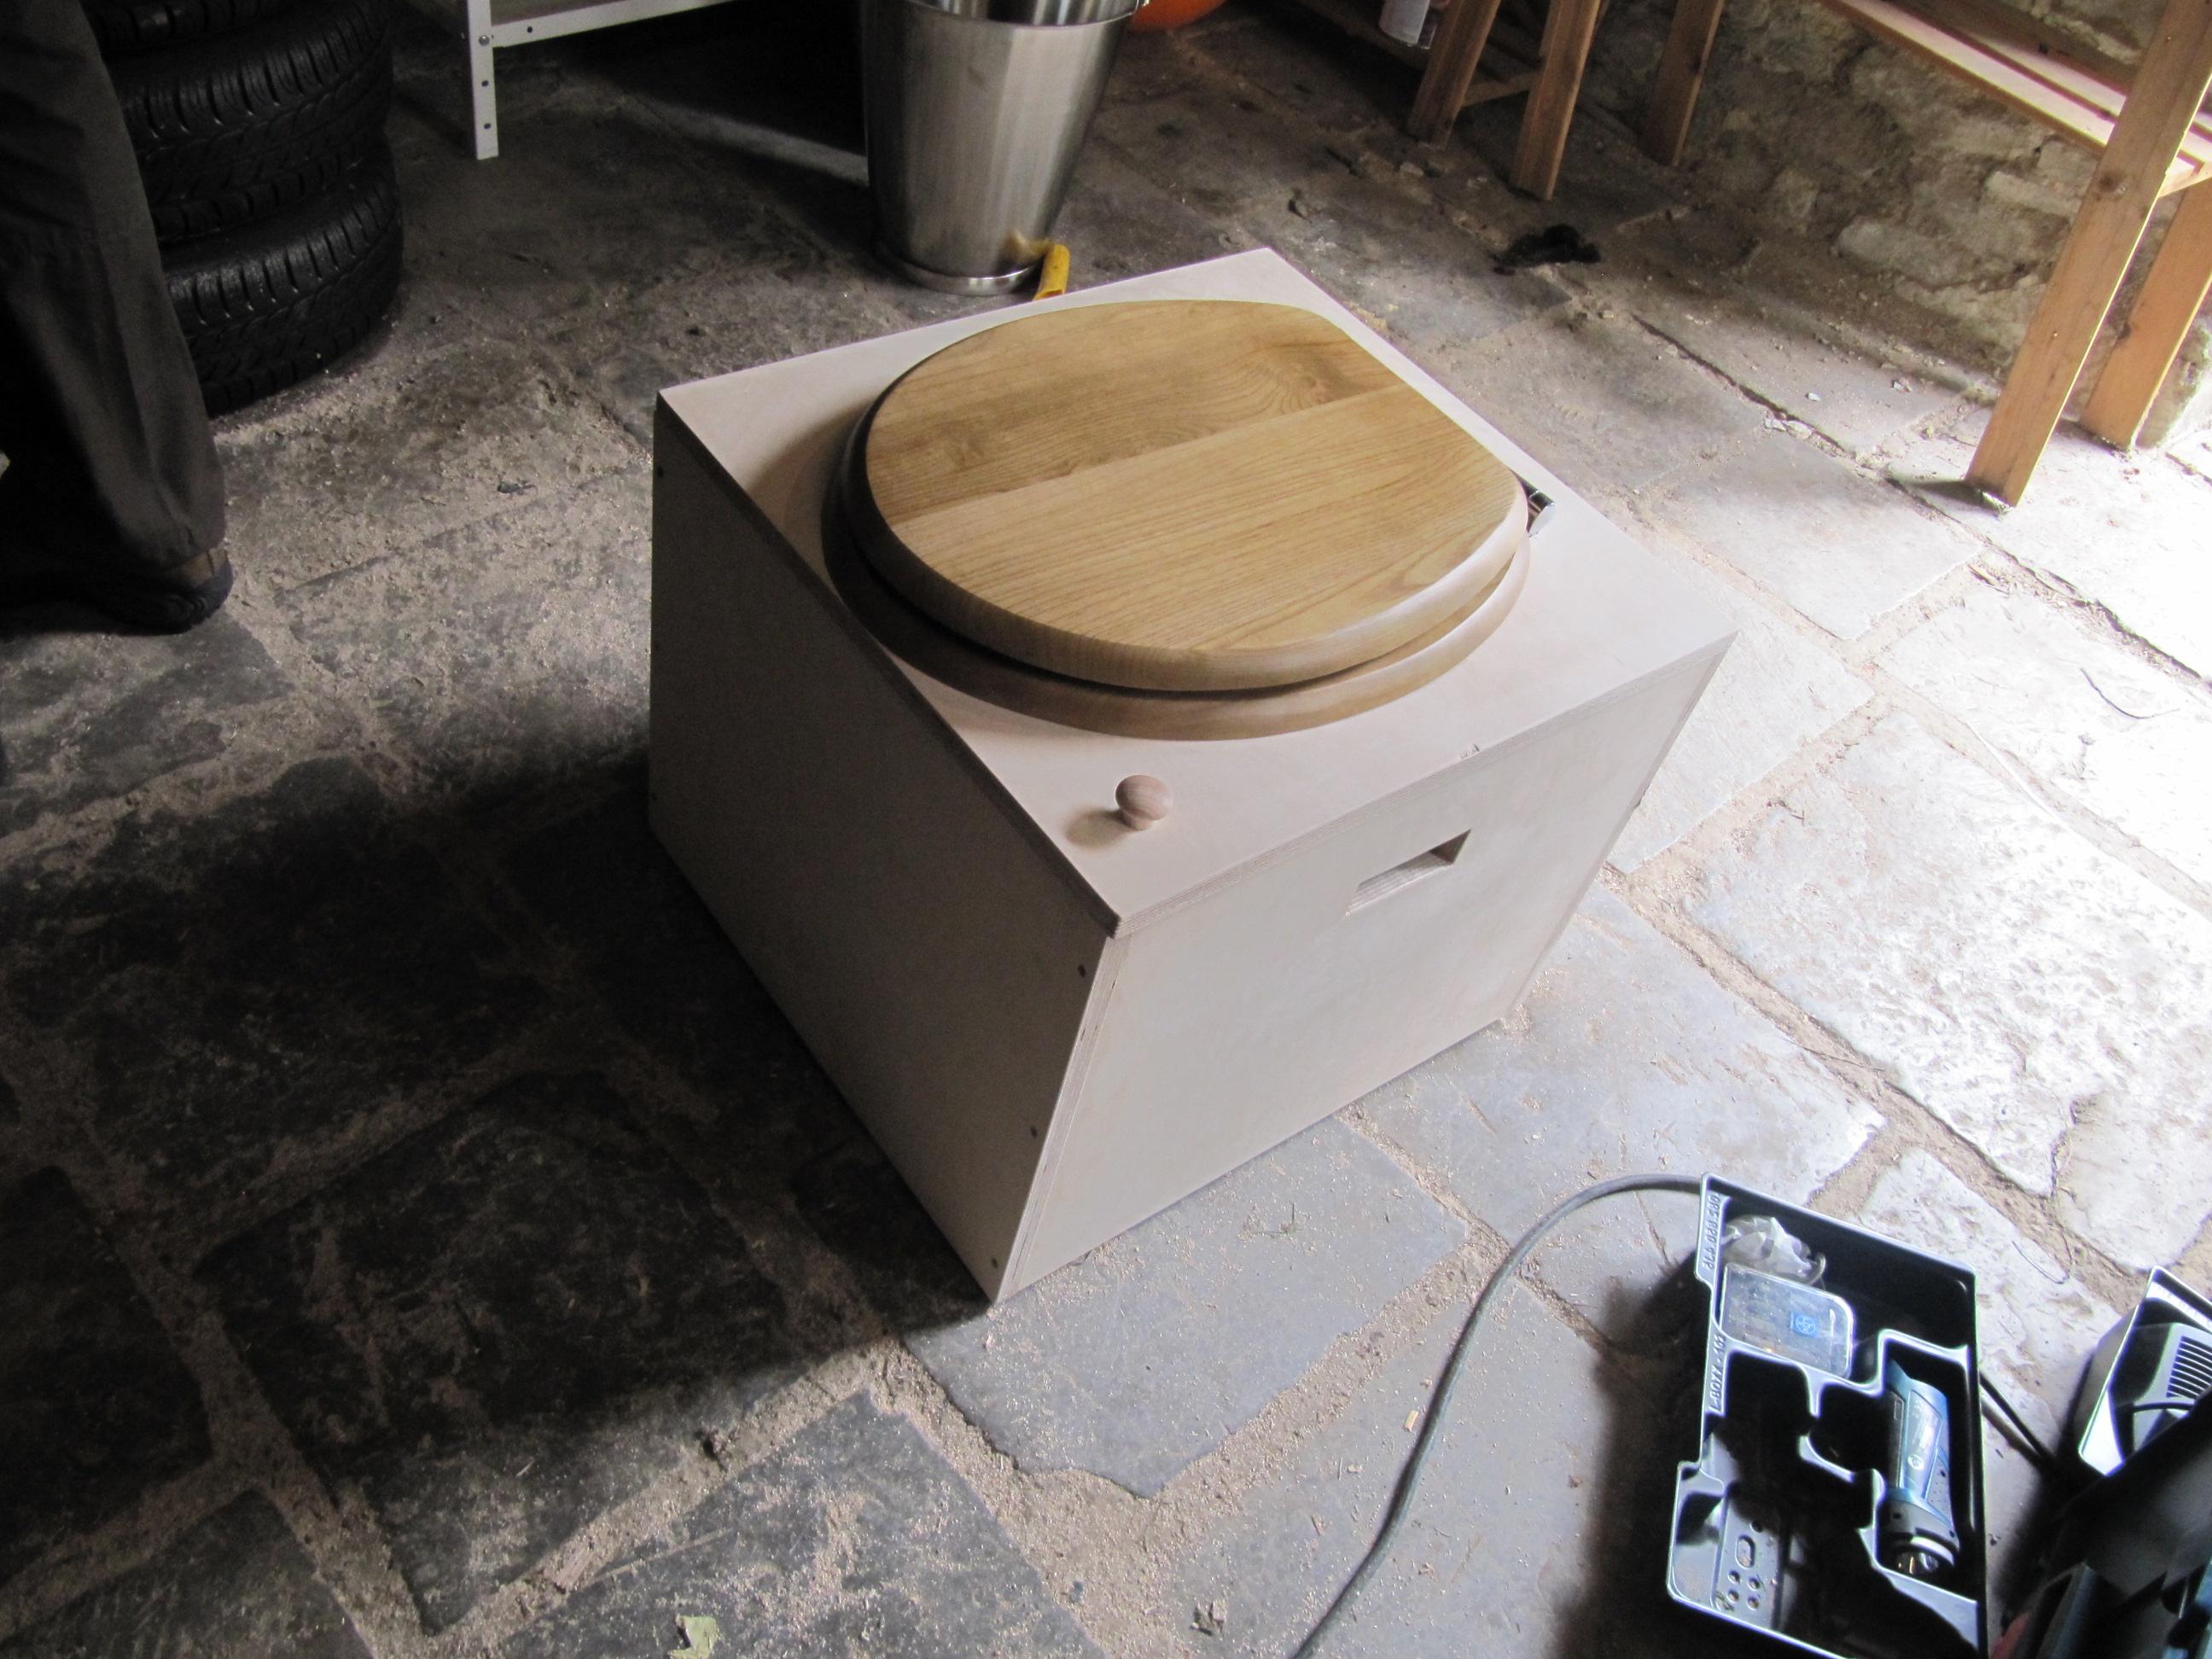 Atelier Fabrication De Toilettes Sèches   Les Fougères Asbl intérieur Toilettes Sèches Prix